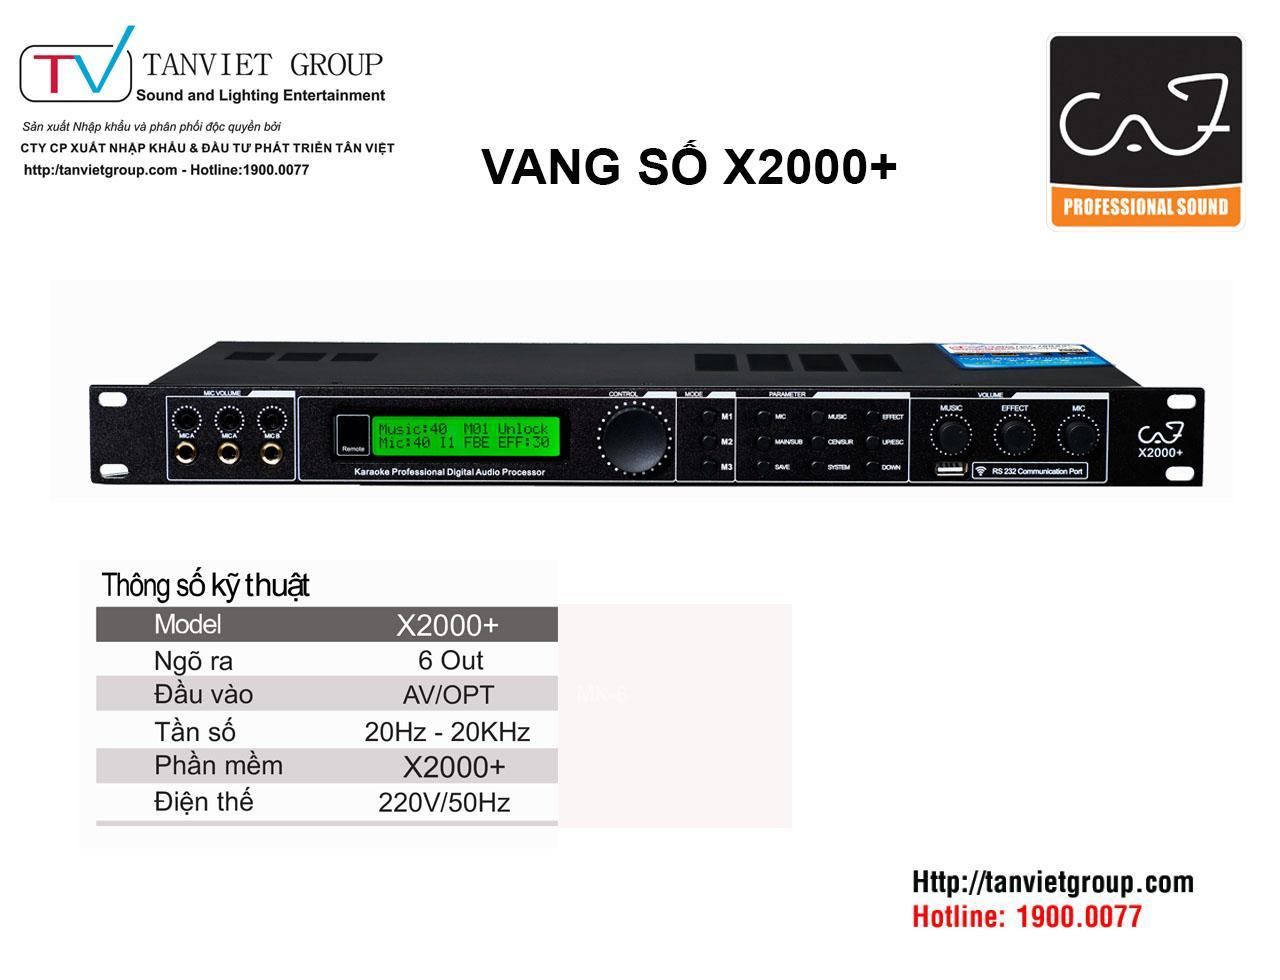 VANG SỐ X2000+